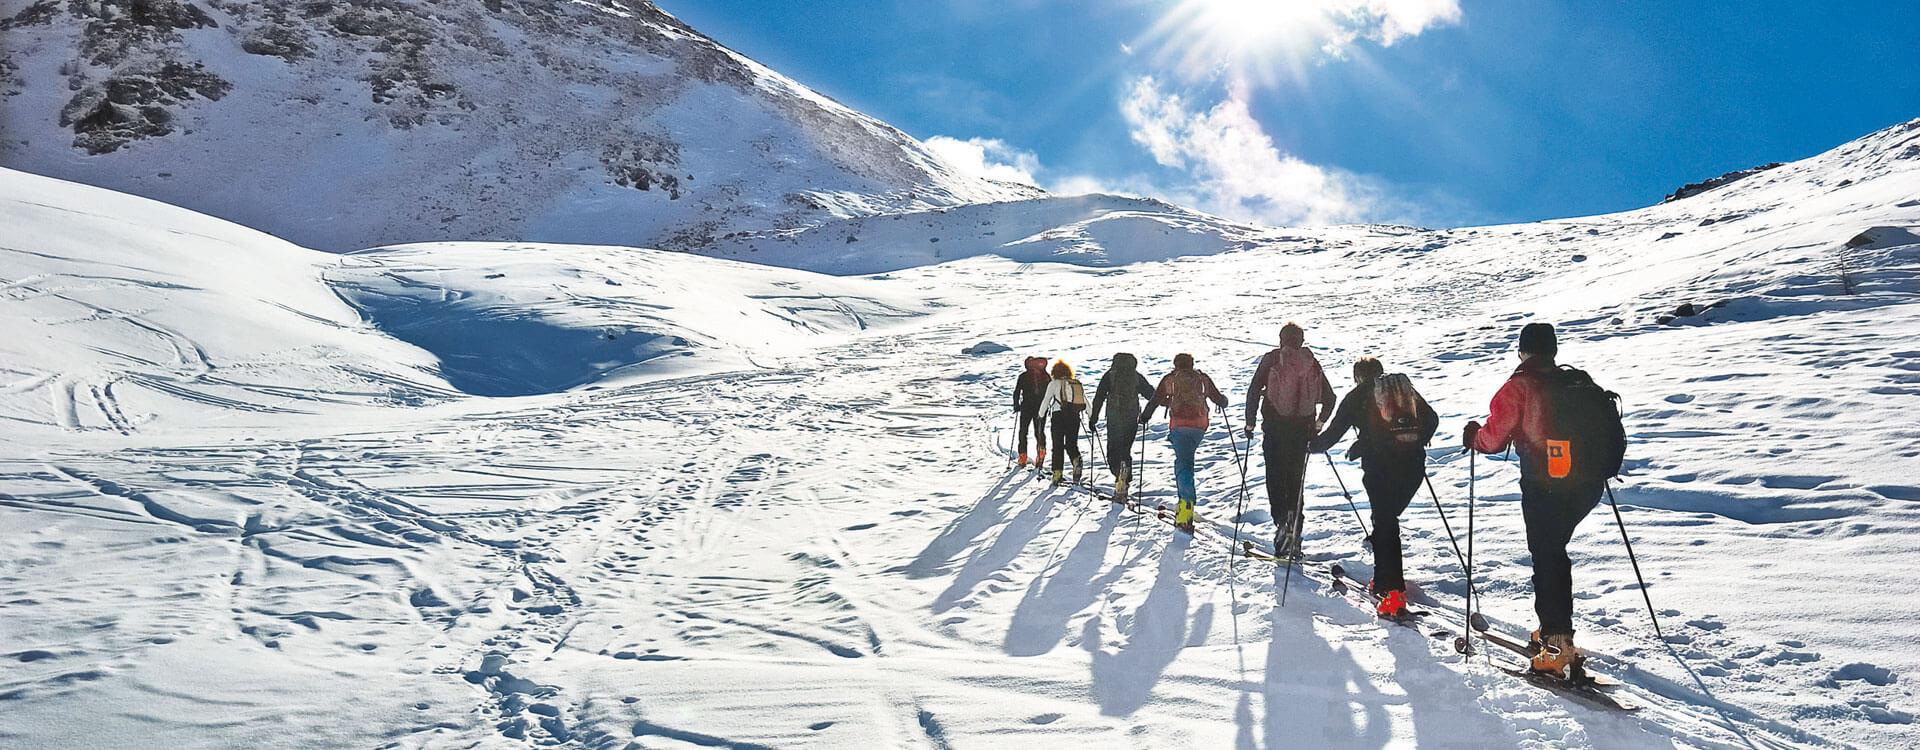 Ski location - Hôtel 3 étoiles à La Plagne